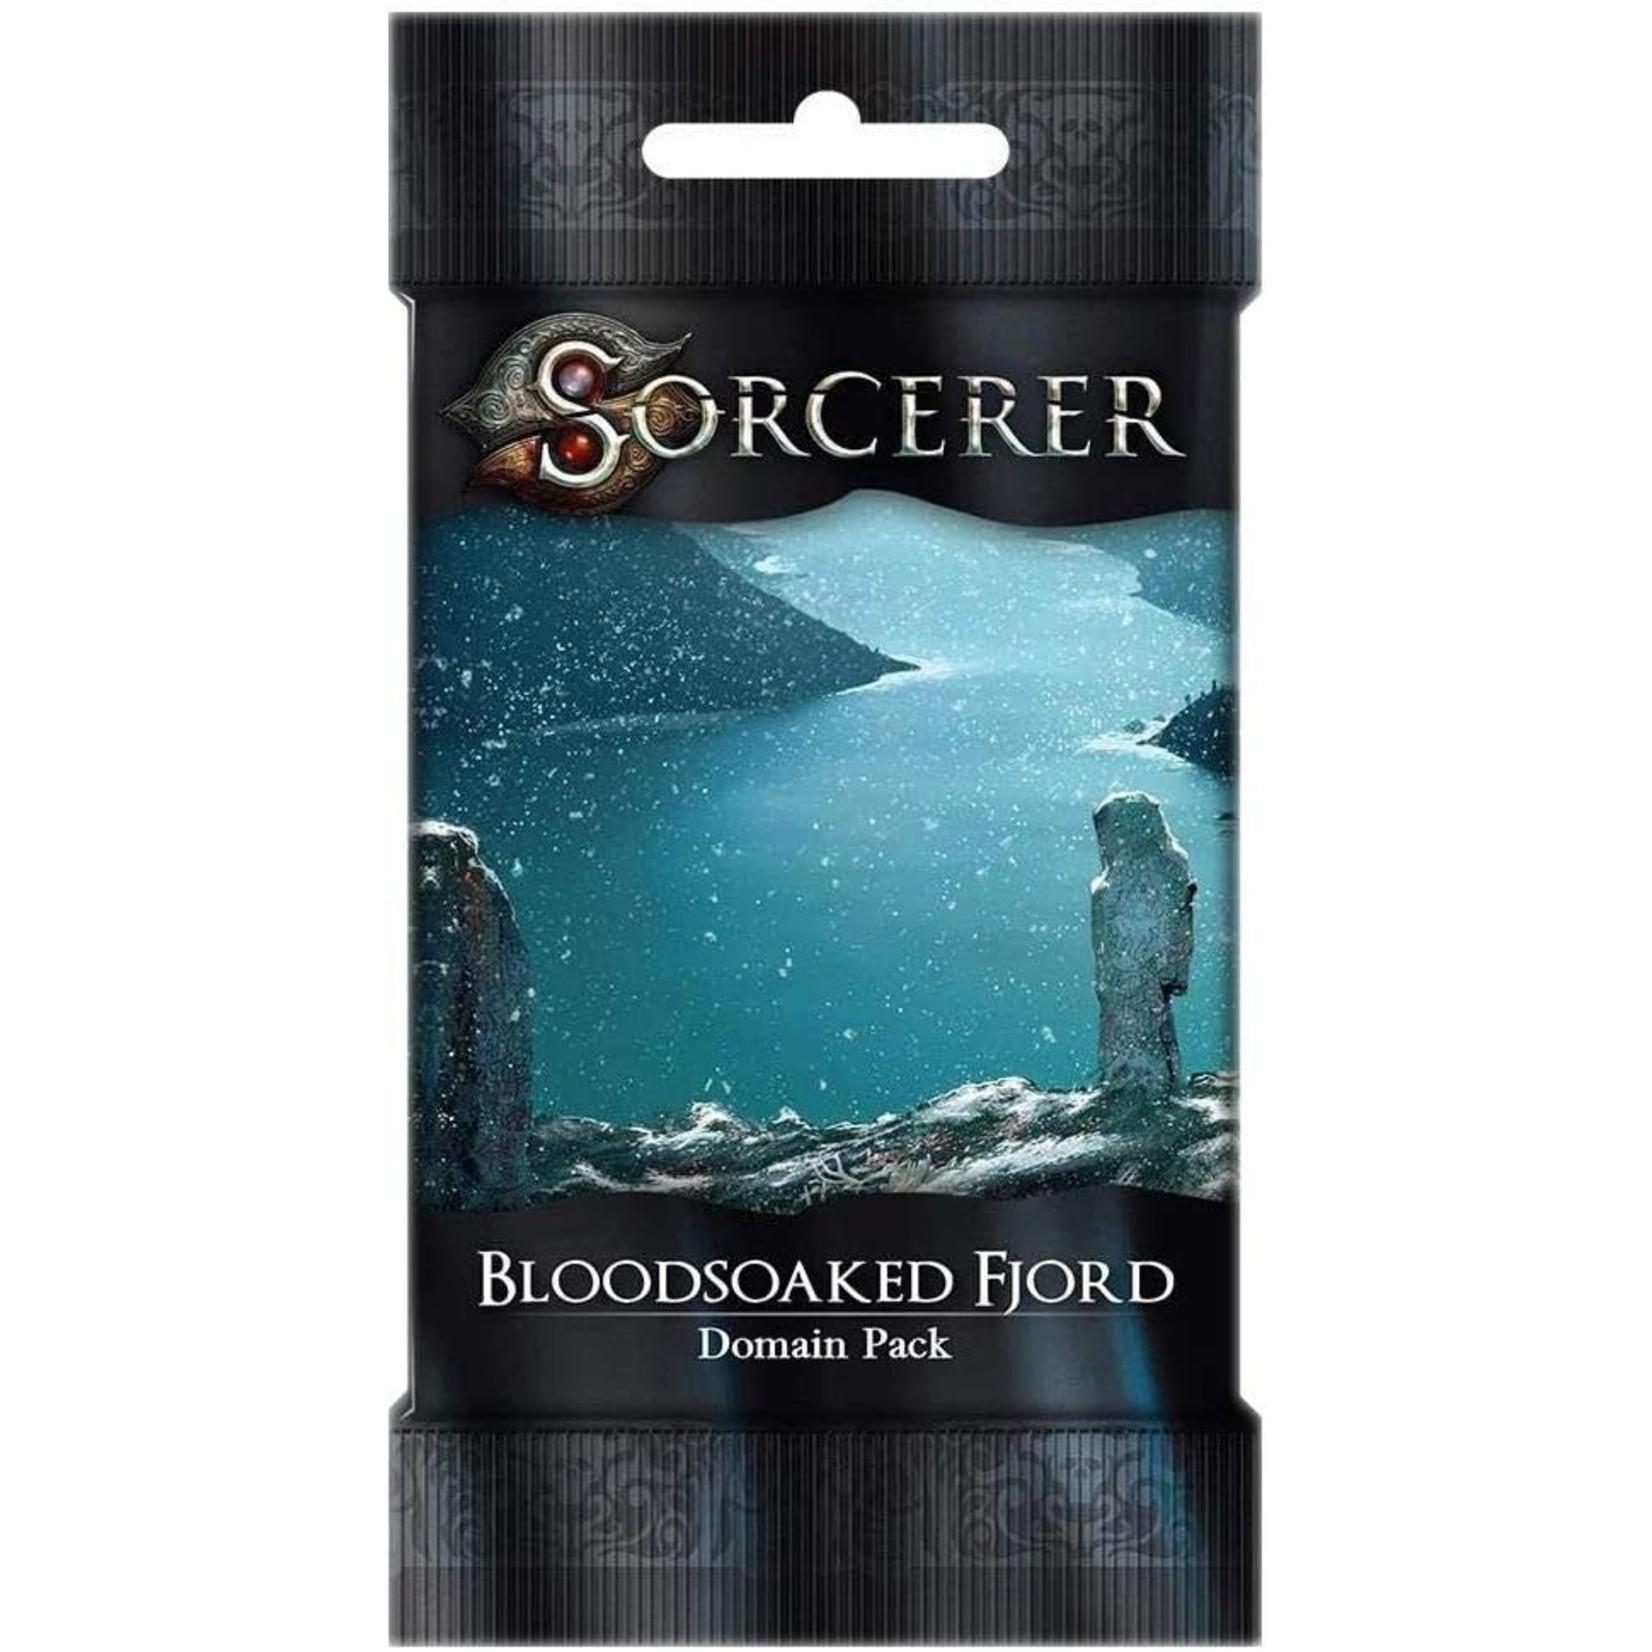 Sorcerer Domain Pack: Bloodsoaked Fjord